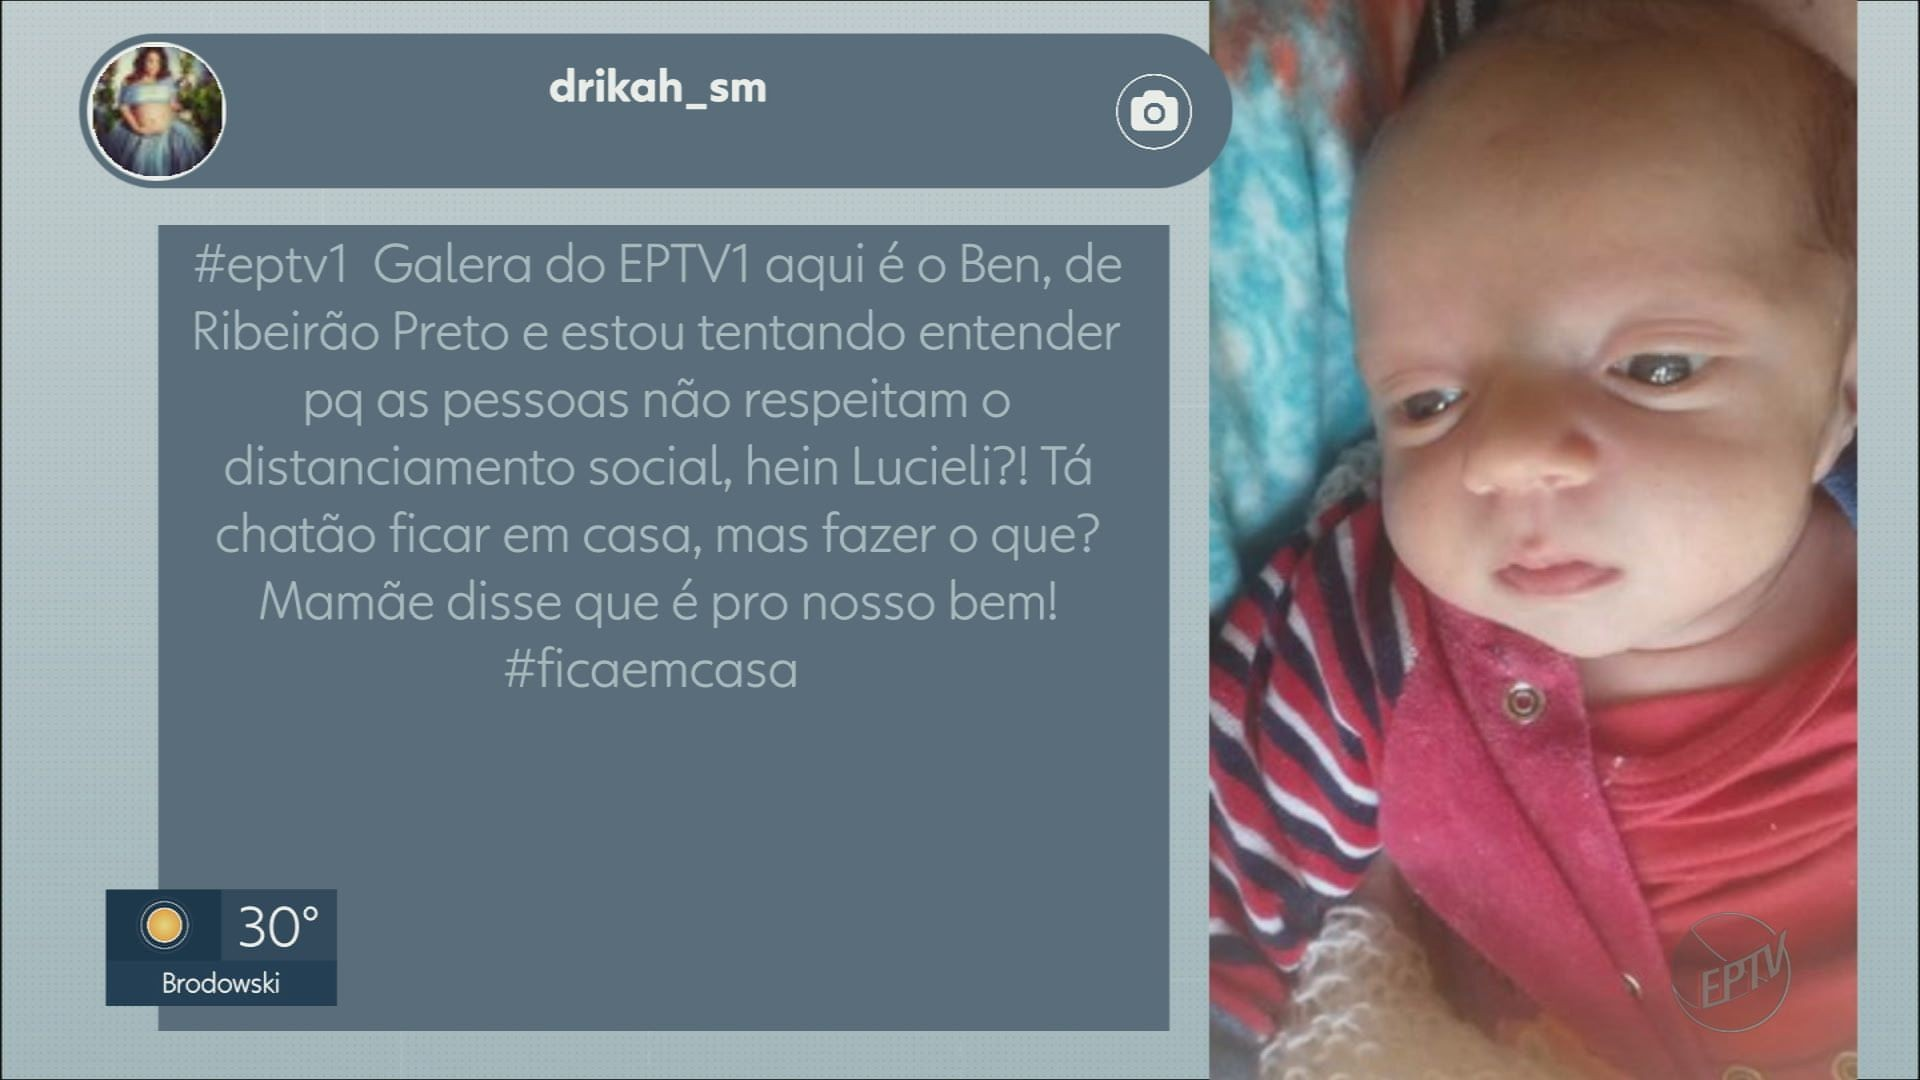 VÍDEOS: EPTV 1 Ribeirão Preto de terça-feira, 7 de julho de 2020